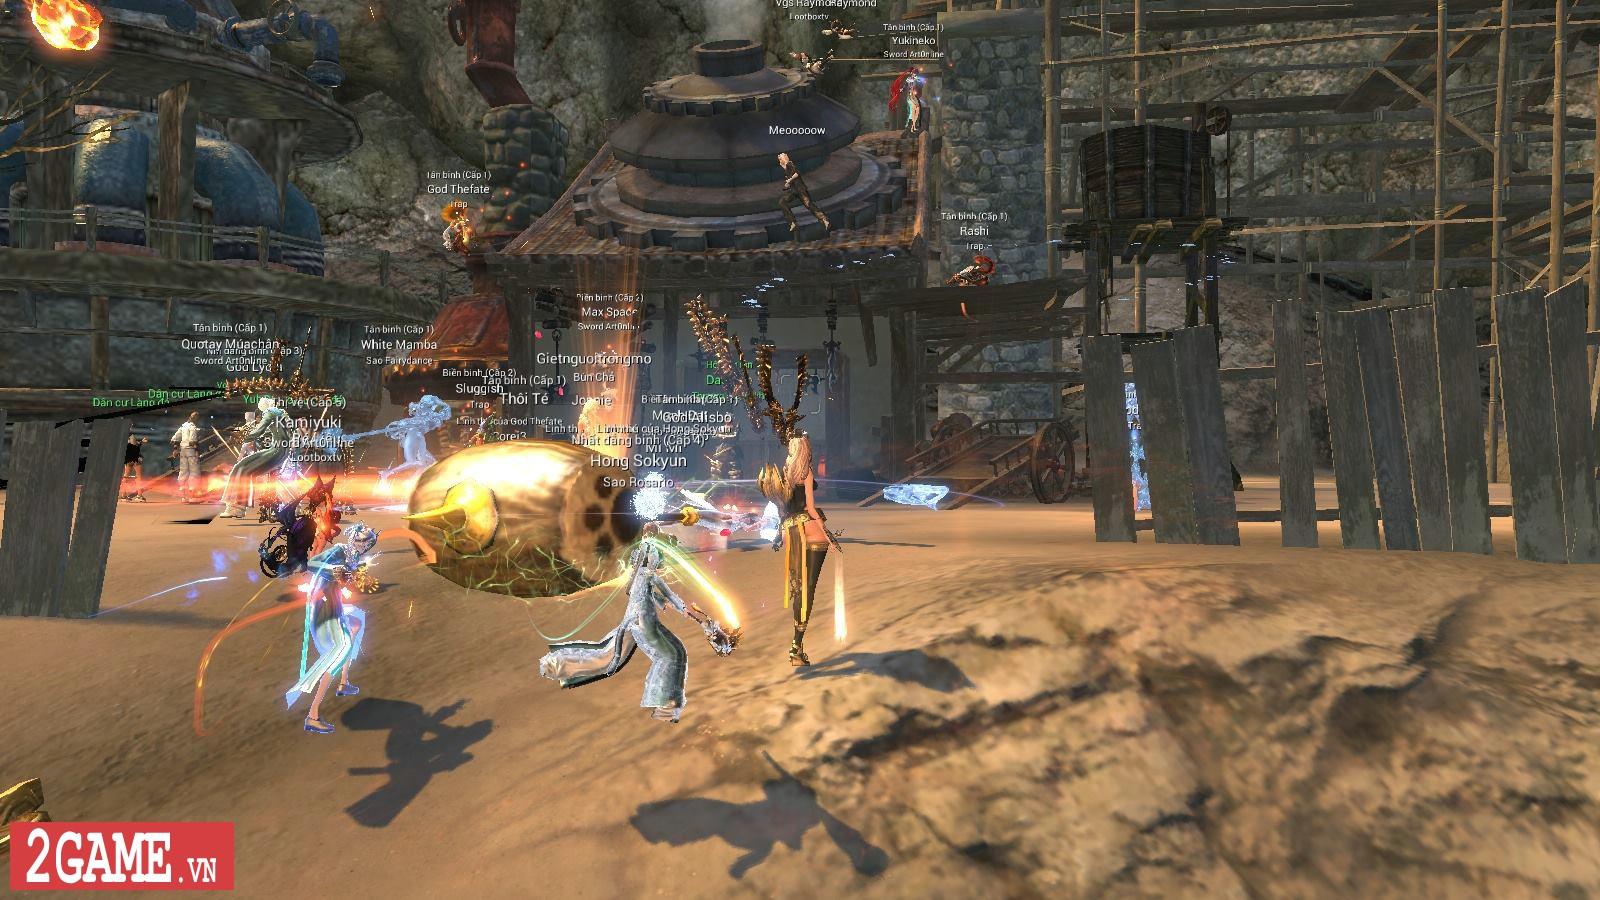 Lần đầu tôi chơi Blade and Soul: Game đẹp, điều khiển phức tạp, đánh đấm sướng tay thật! 3